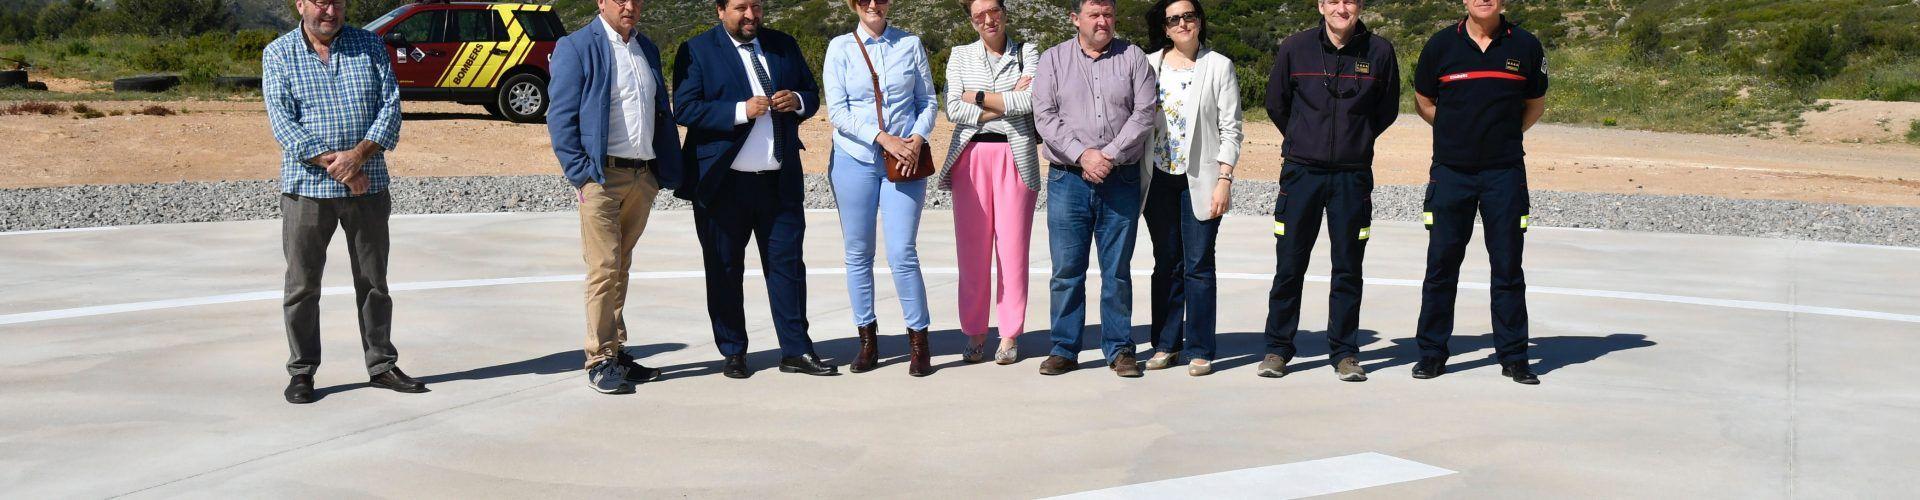 La Diputación hace de Castellón una de las provincias más seguras en respuesta de emergencias con las helisuperficies